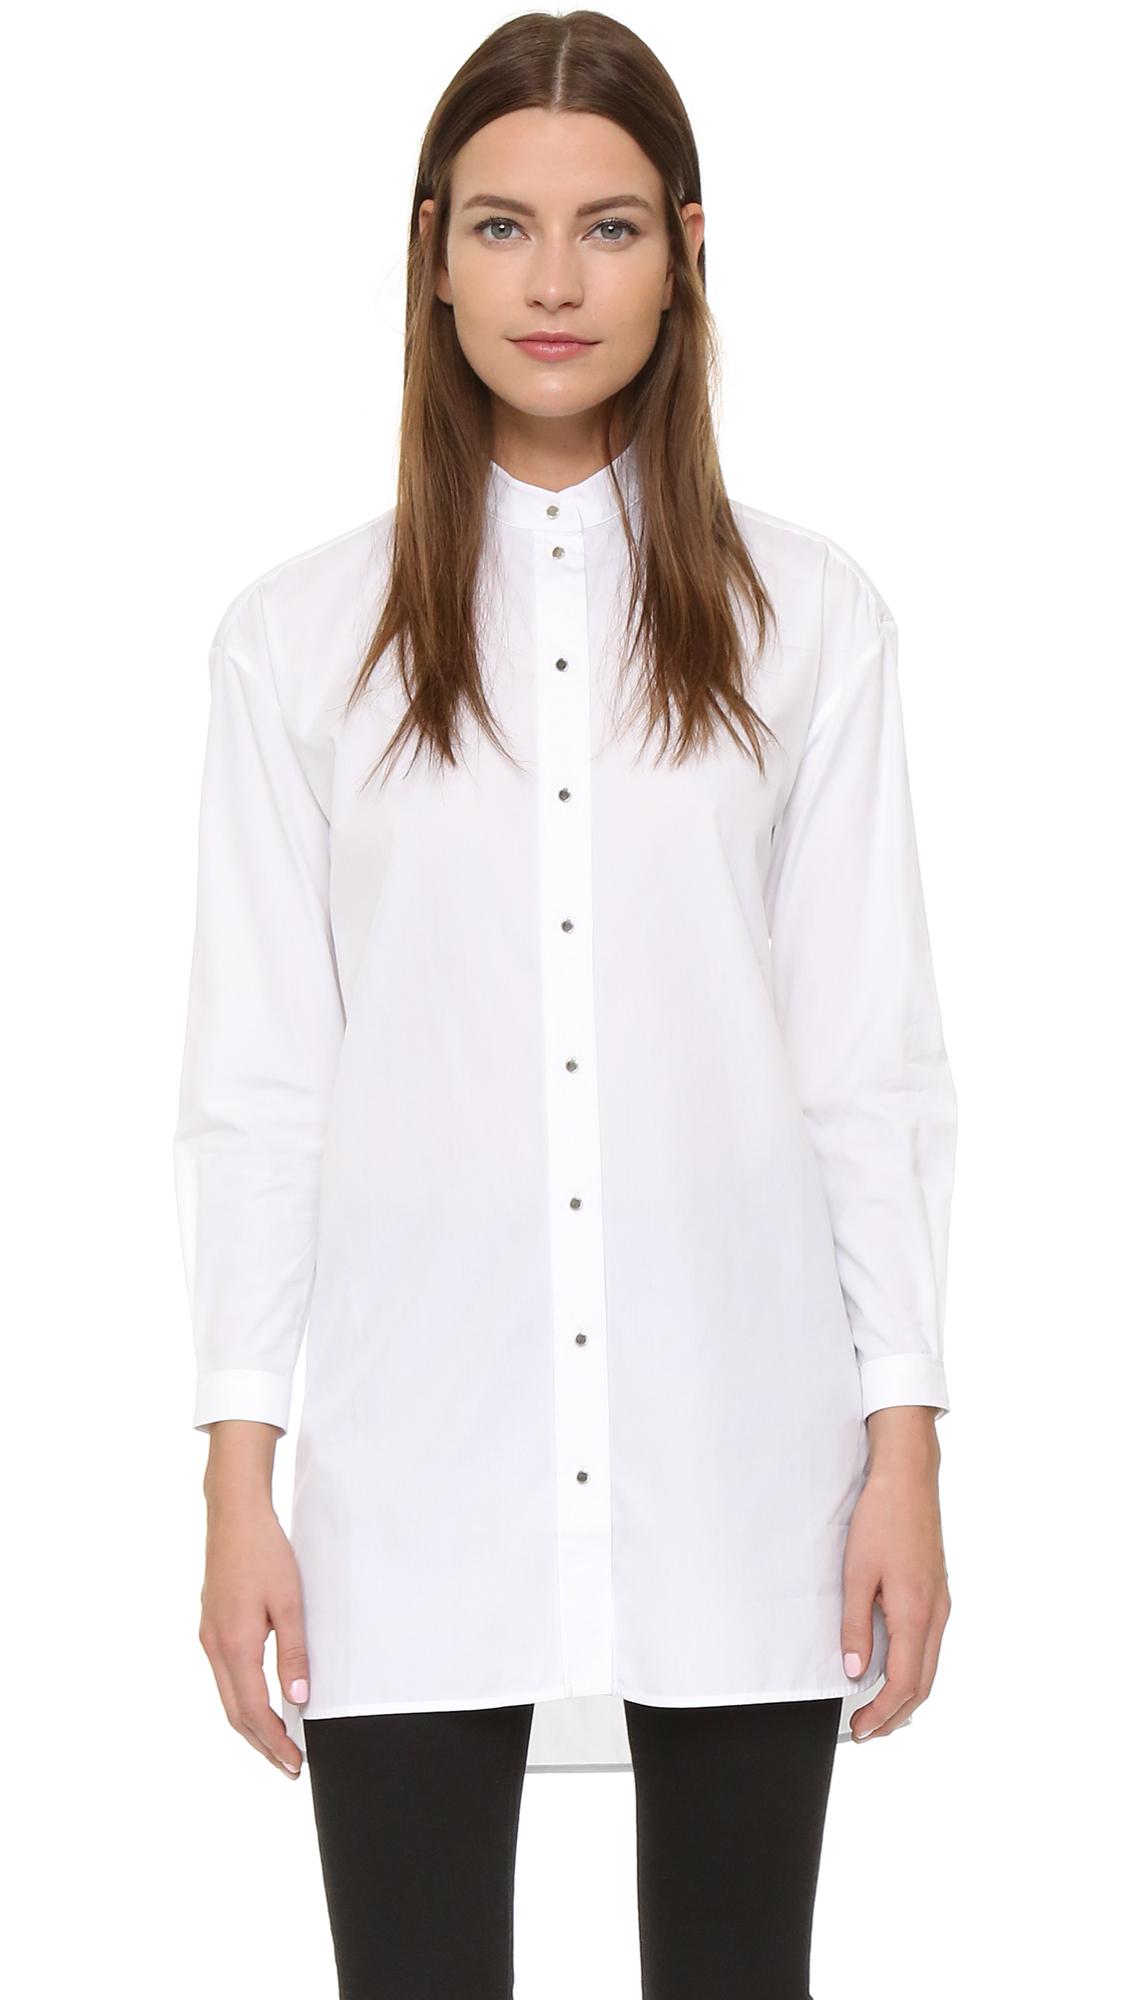 Womens Oversized White Shirt